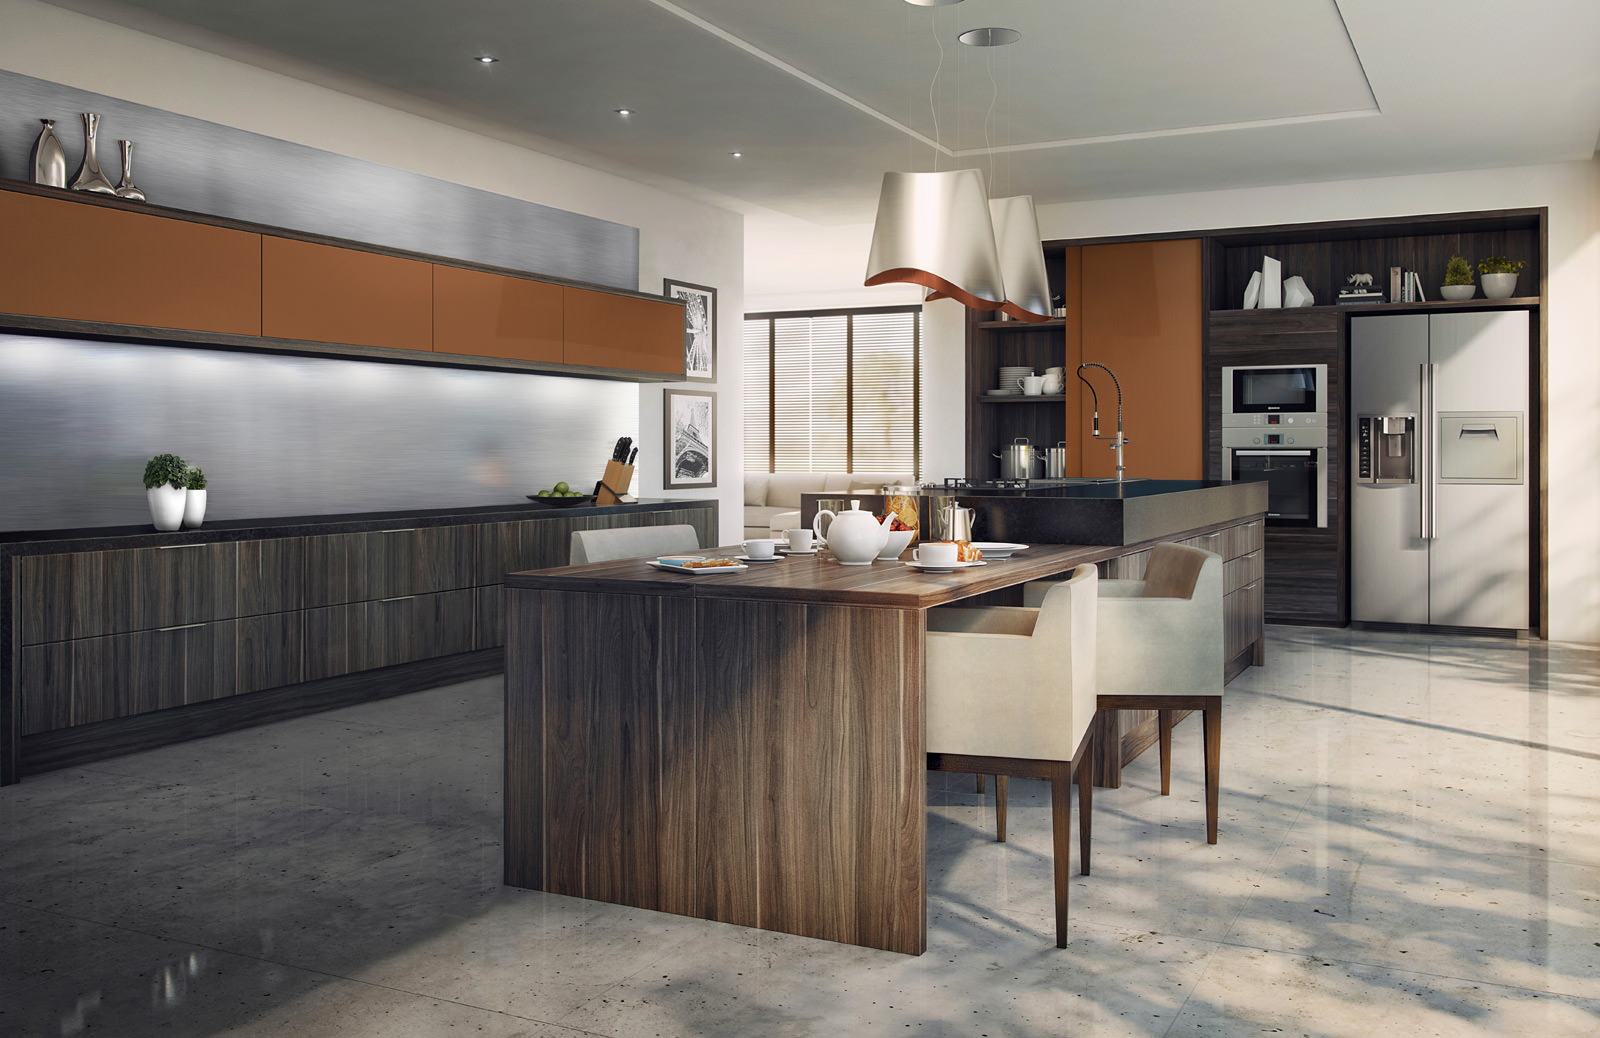 Cozinhas planejadas: Cozinhas planejadas Todeschini #704A32 1600 1038